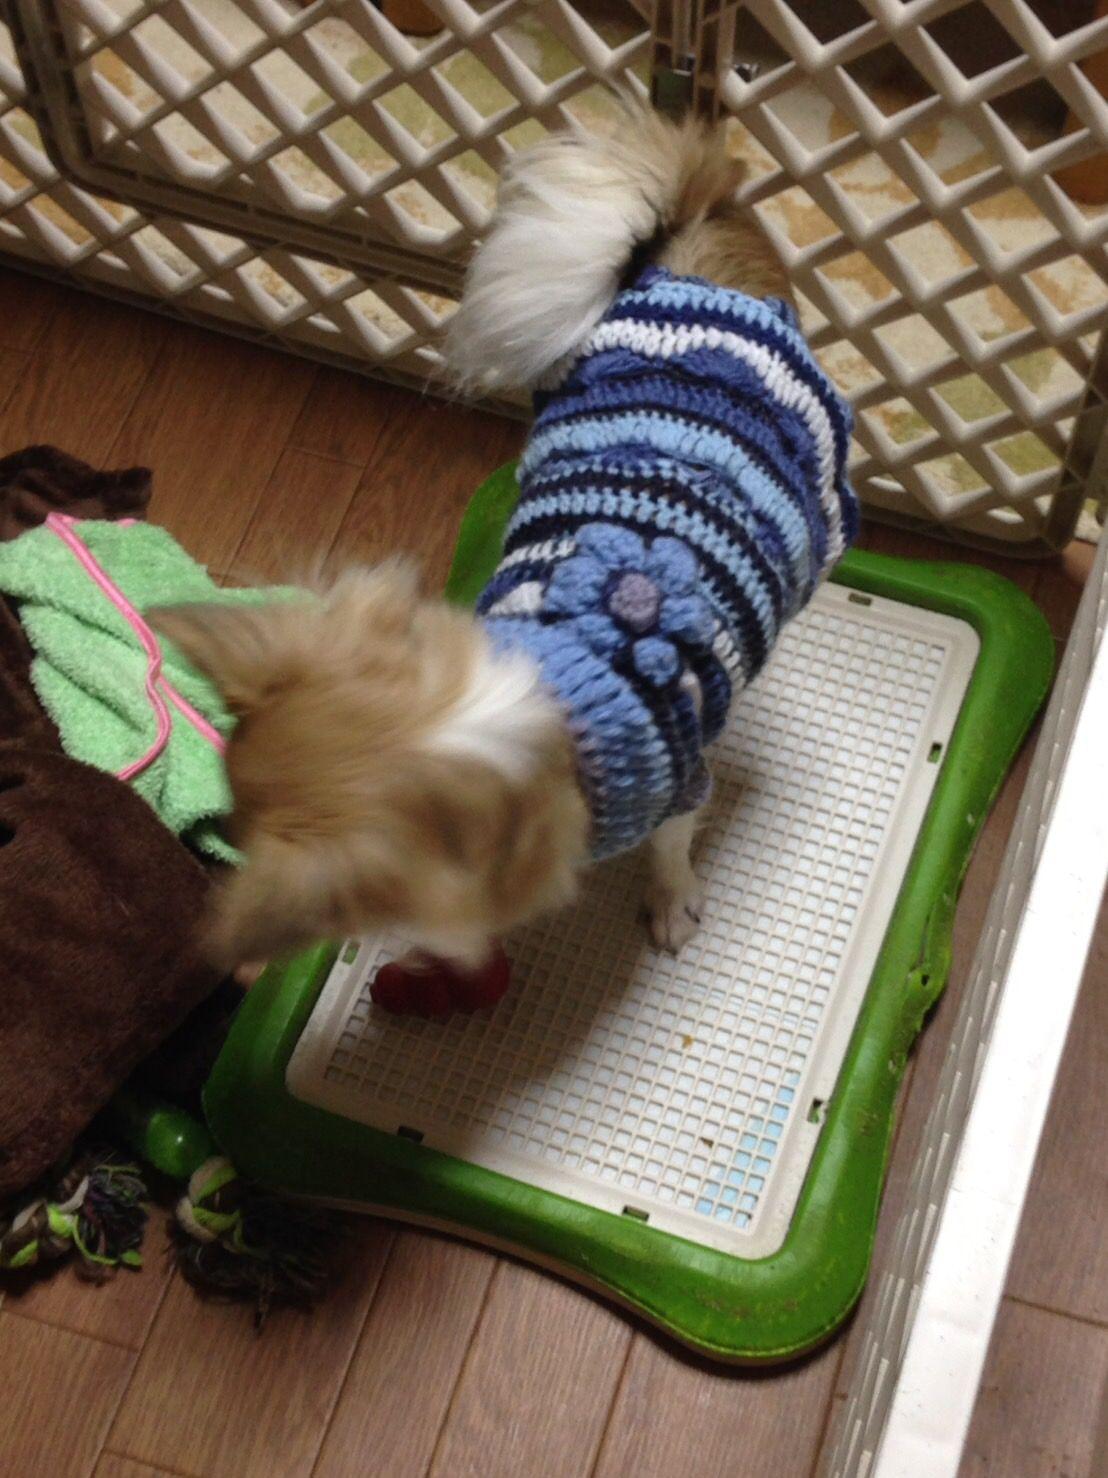 寒い冬にはあたたかいワンちゃんの毛糸の服を。